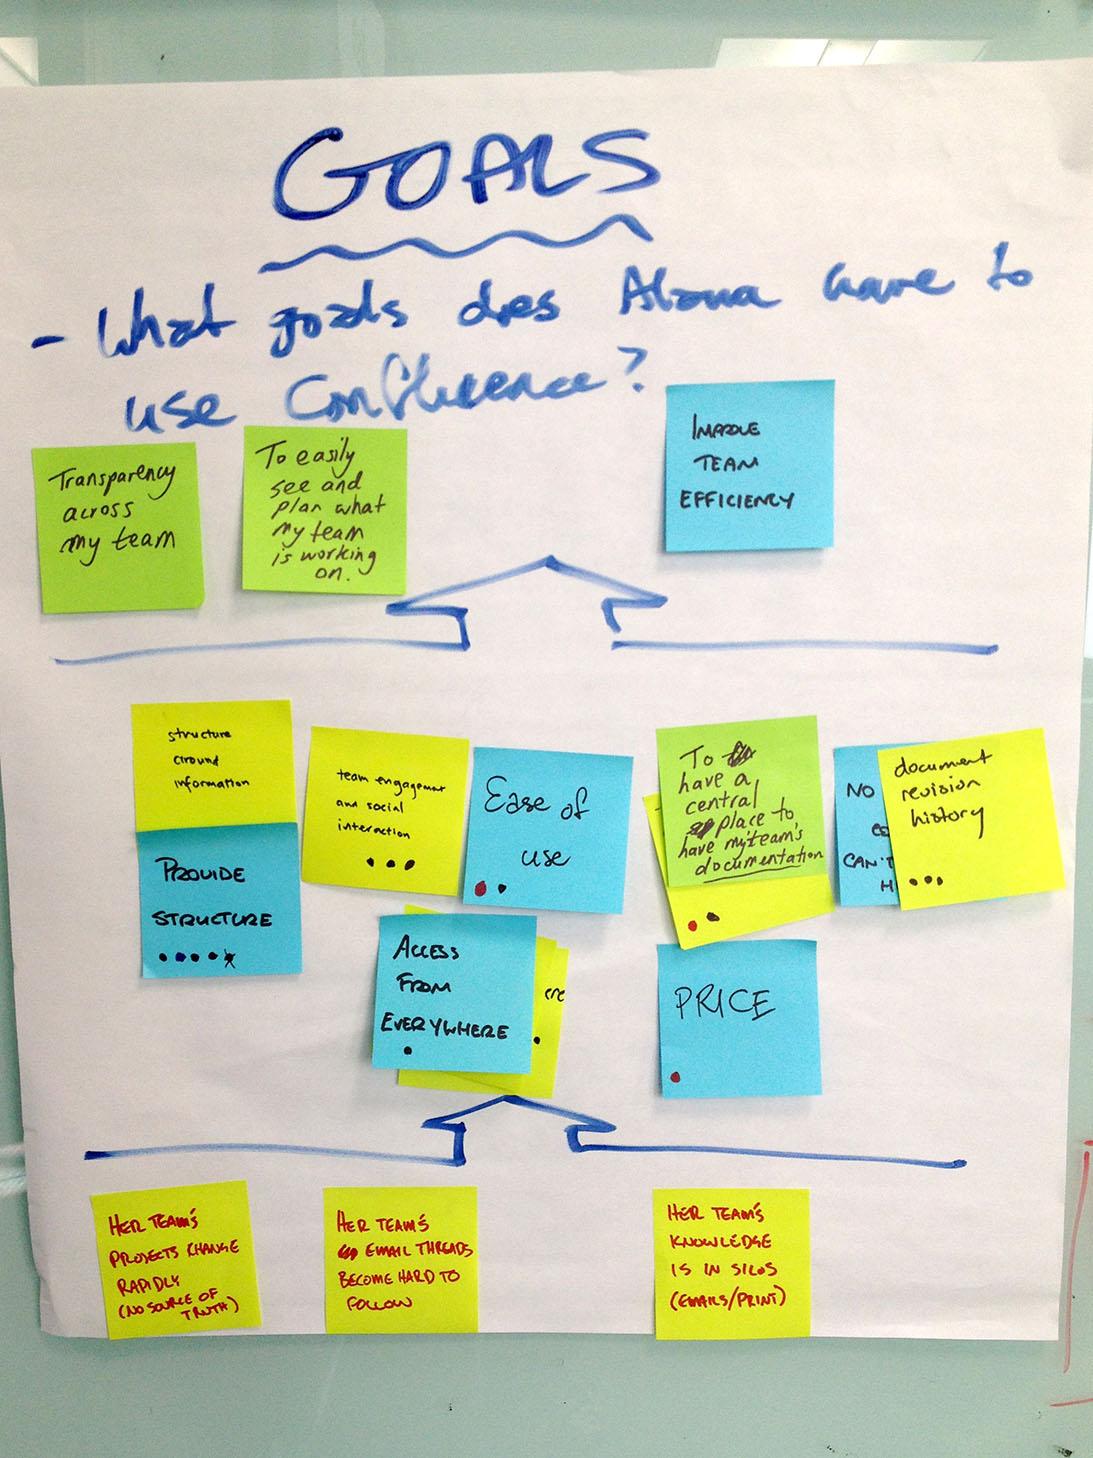 Criar a história de fundo do usuário é uma parte importante da visualização da experiência do usuário.